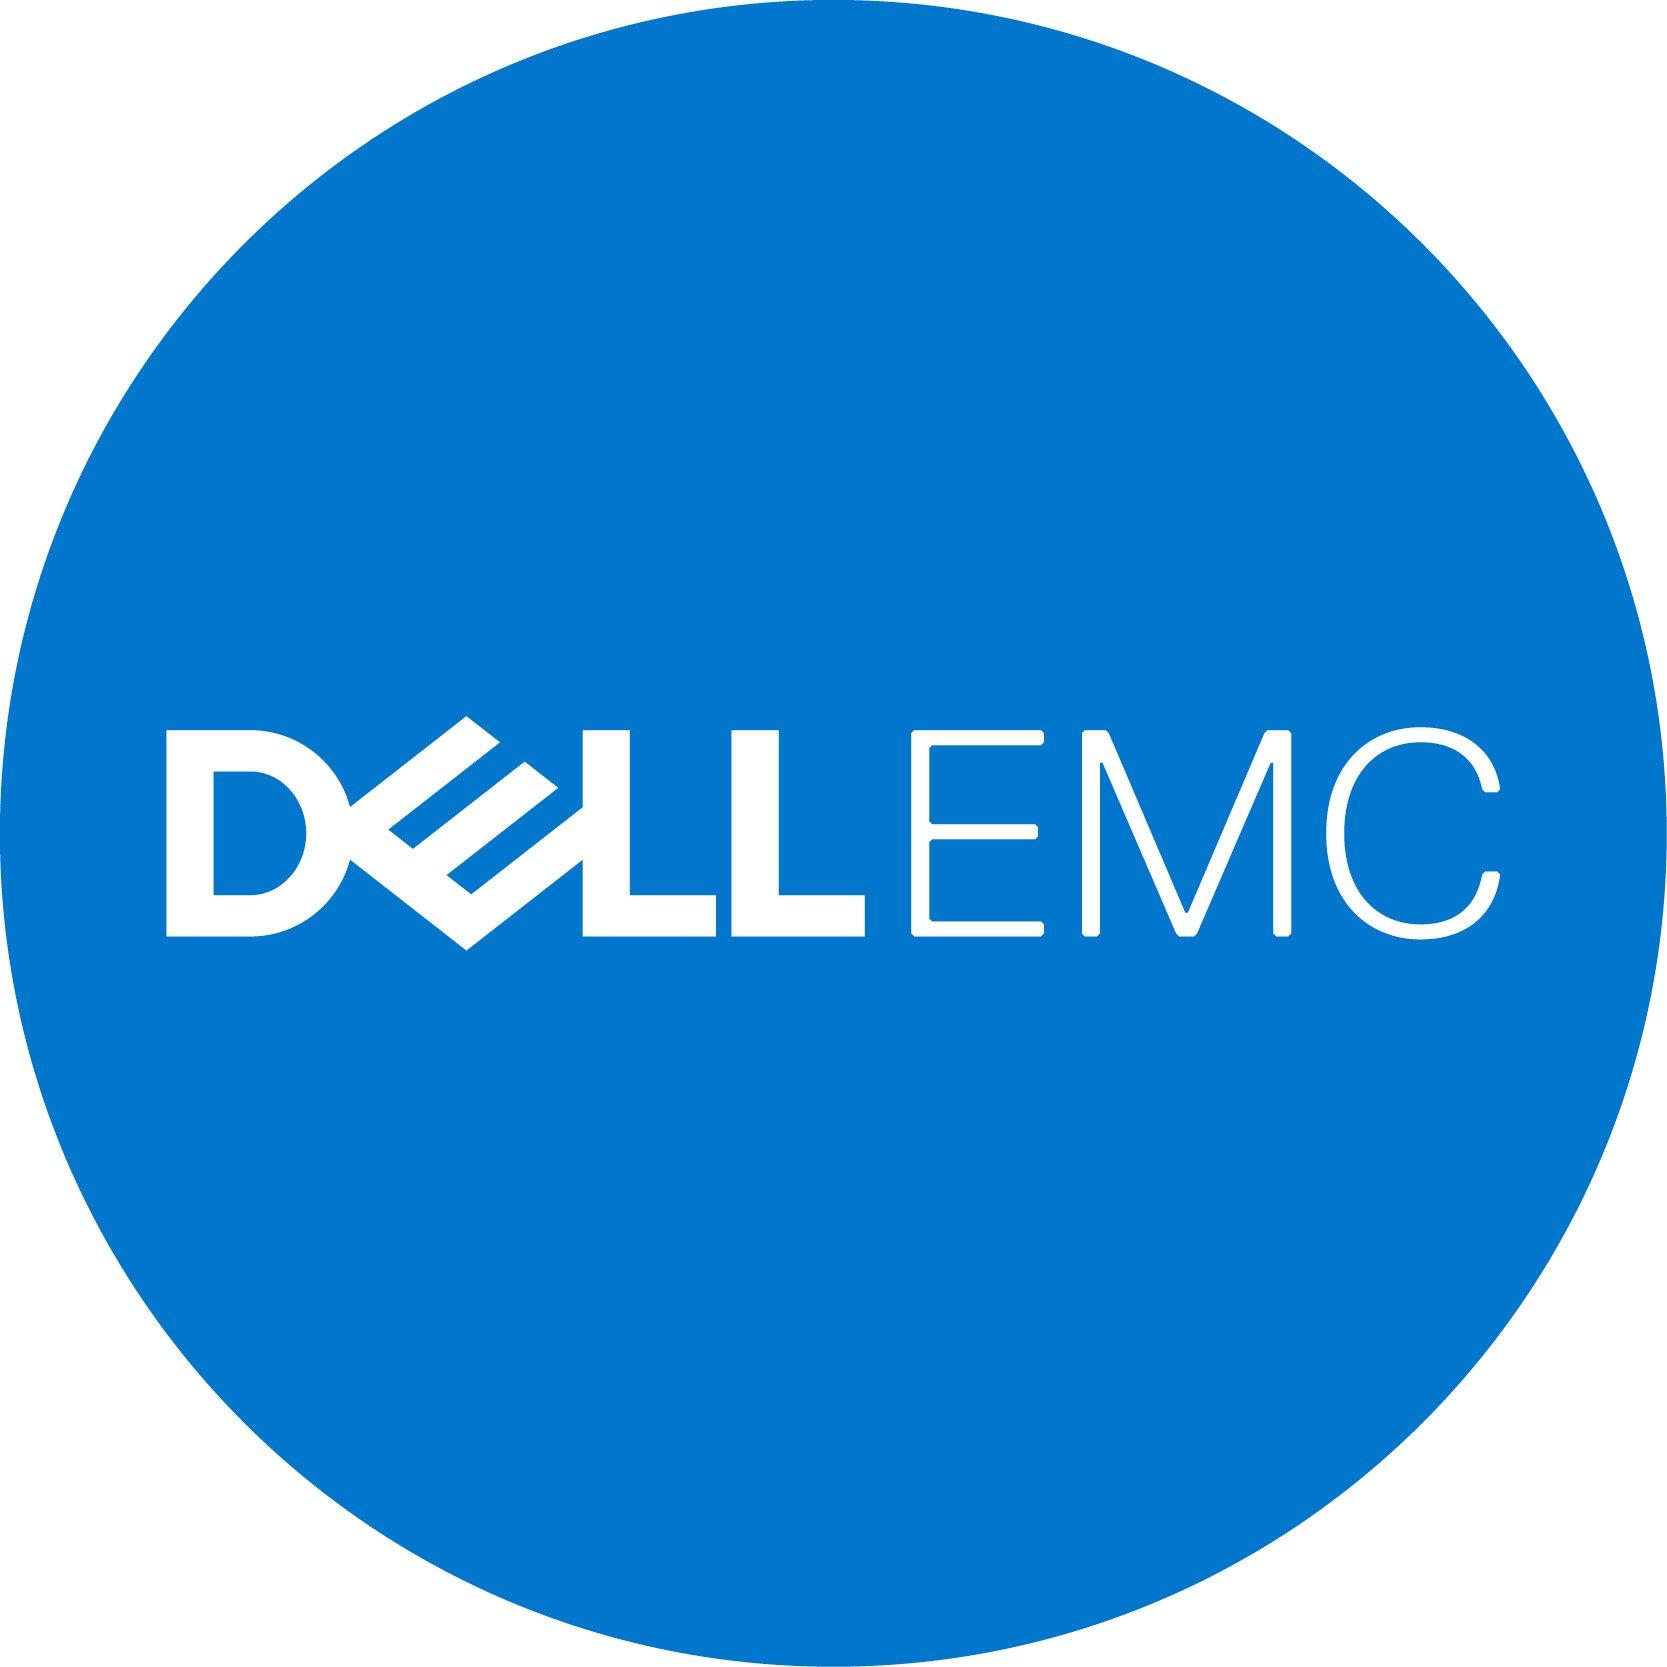 Dell EMC (@DellEMC).